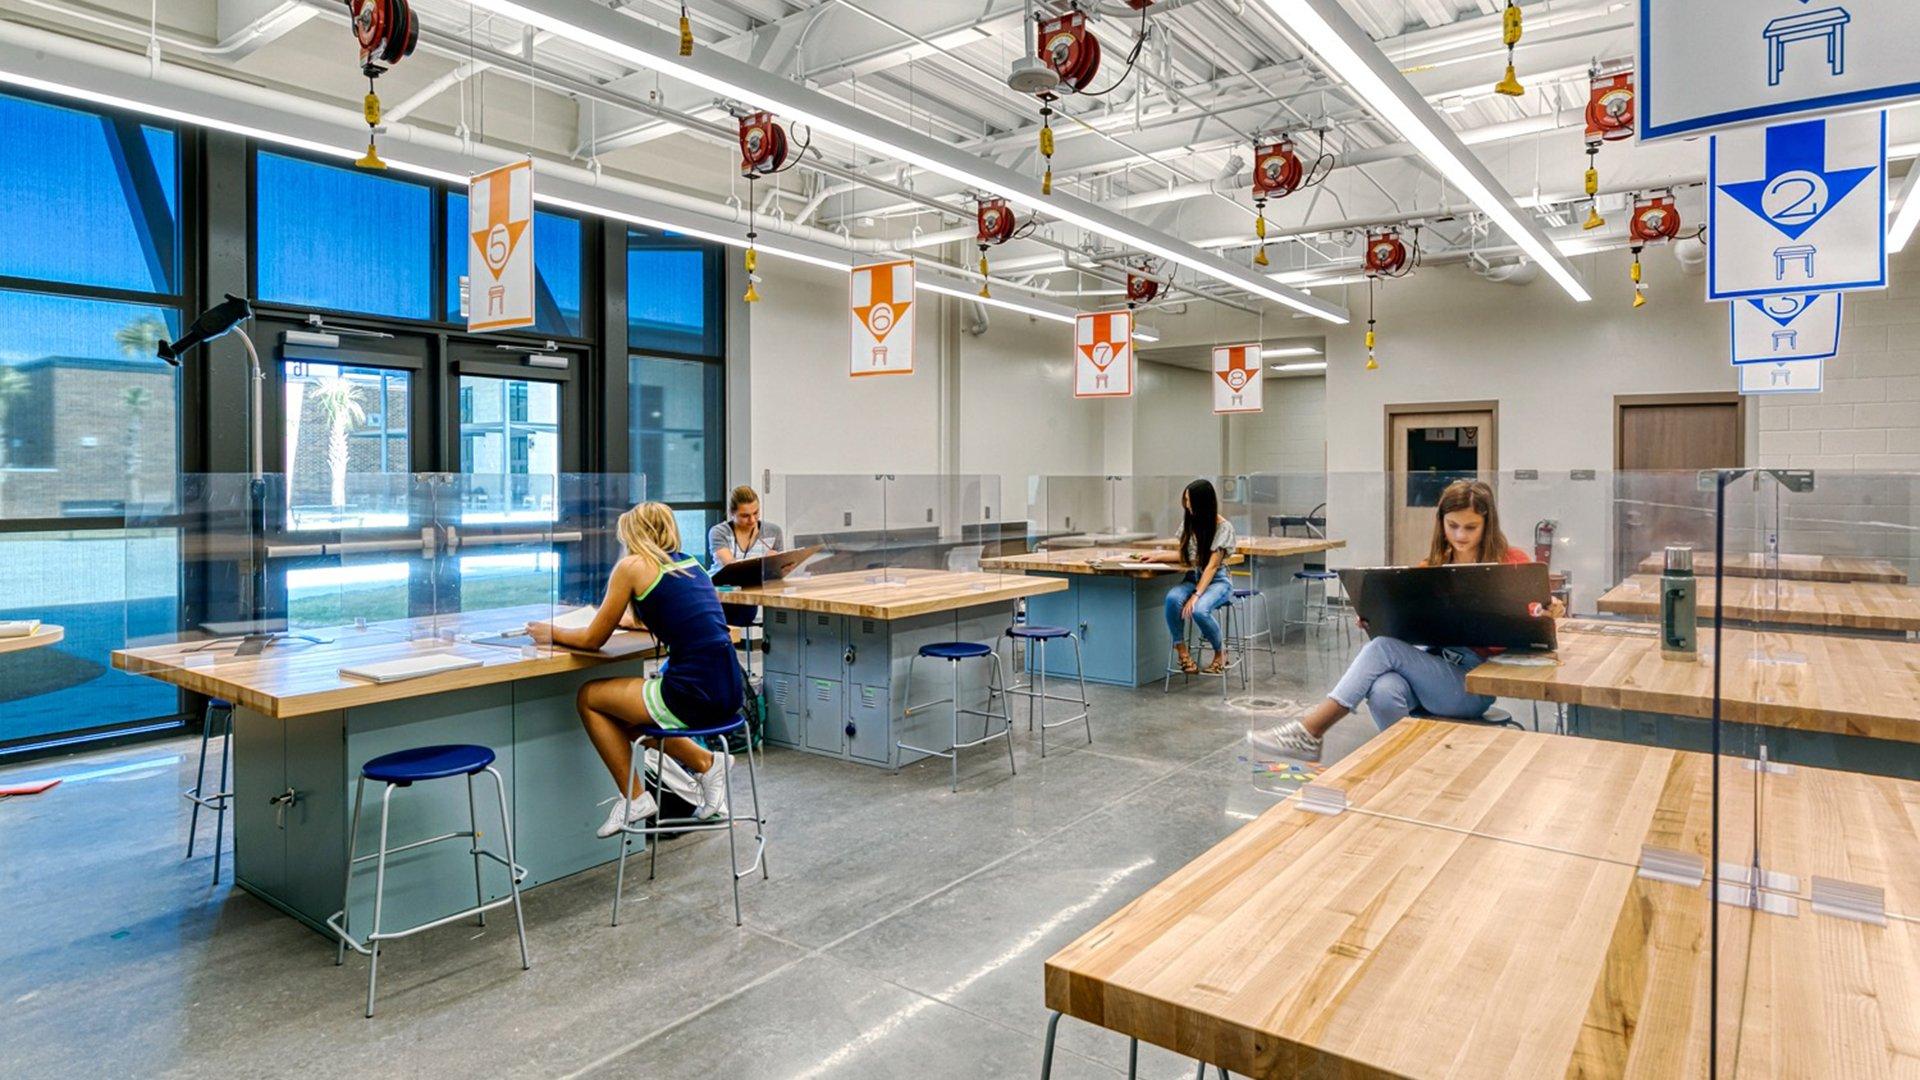 Lucy Garrett Beckham High School with COVID-19 plexi-glass barriers between desks.